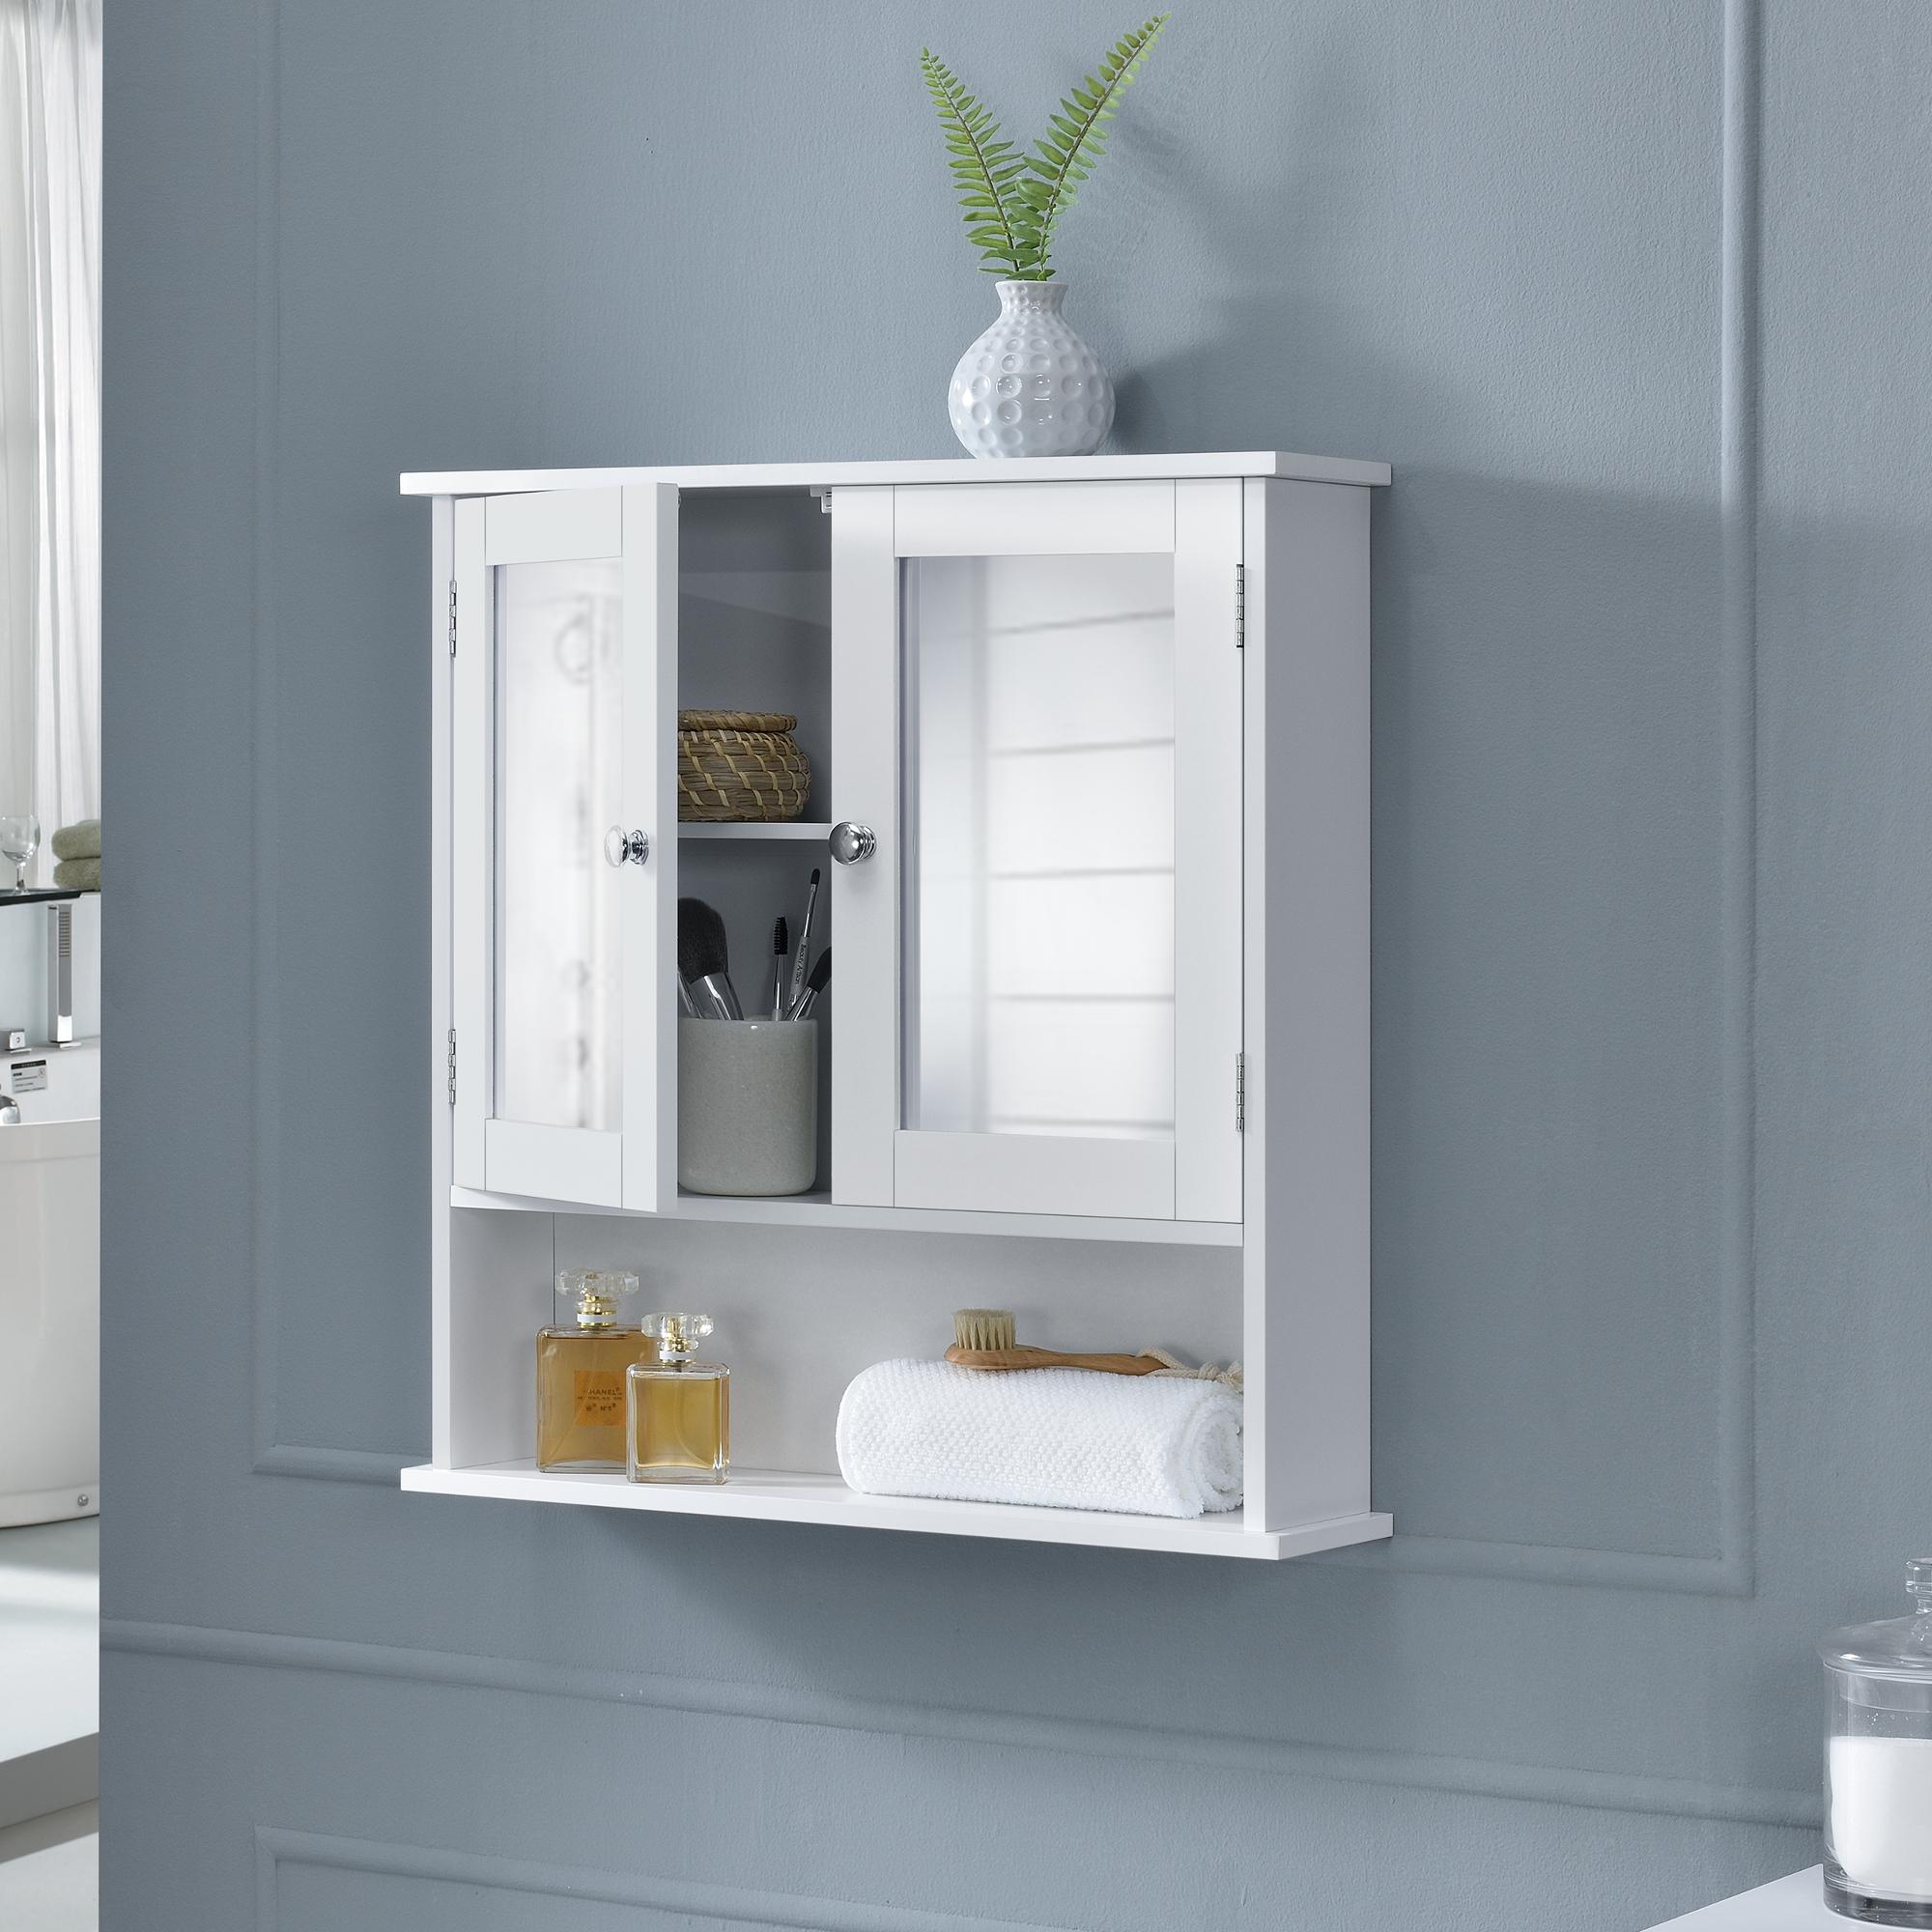 badezimmerschrank badschrank wandschrank schrank spiegel wei 58x56x13cm ebay. Black Bedroom Furniture Sets. Home Design Ideas